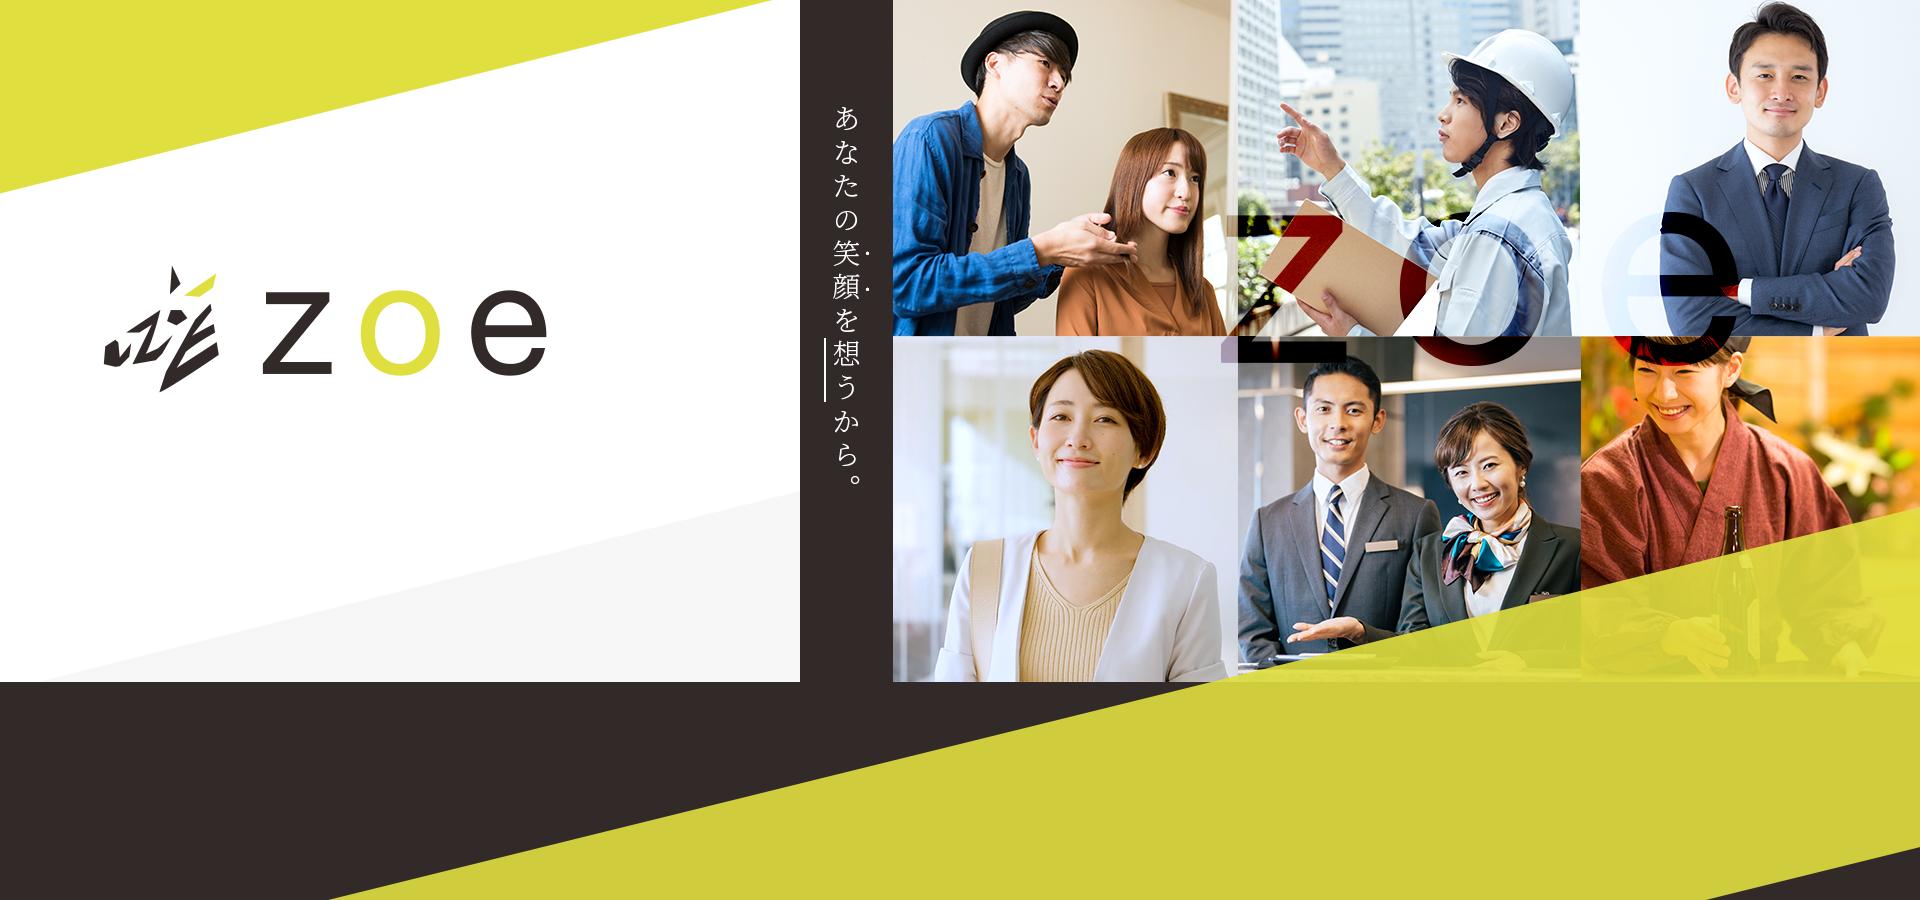 ホームページ制作会社 zoe